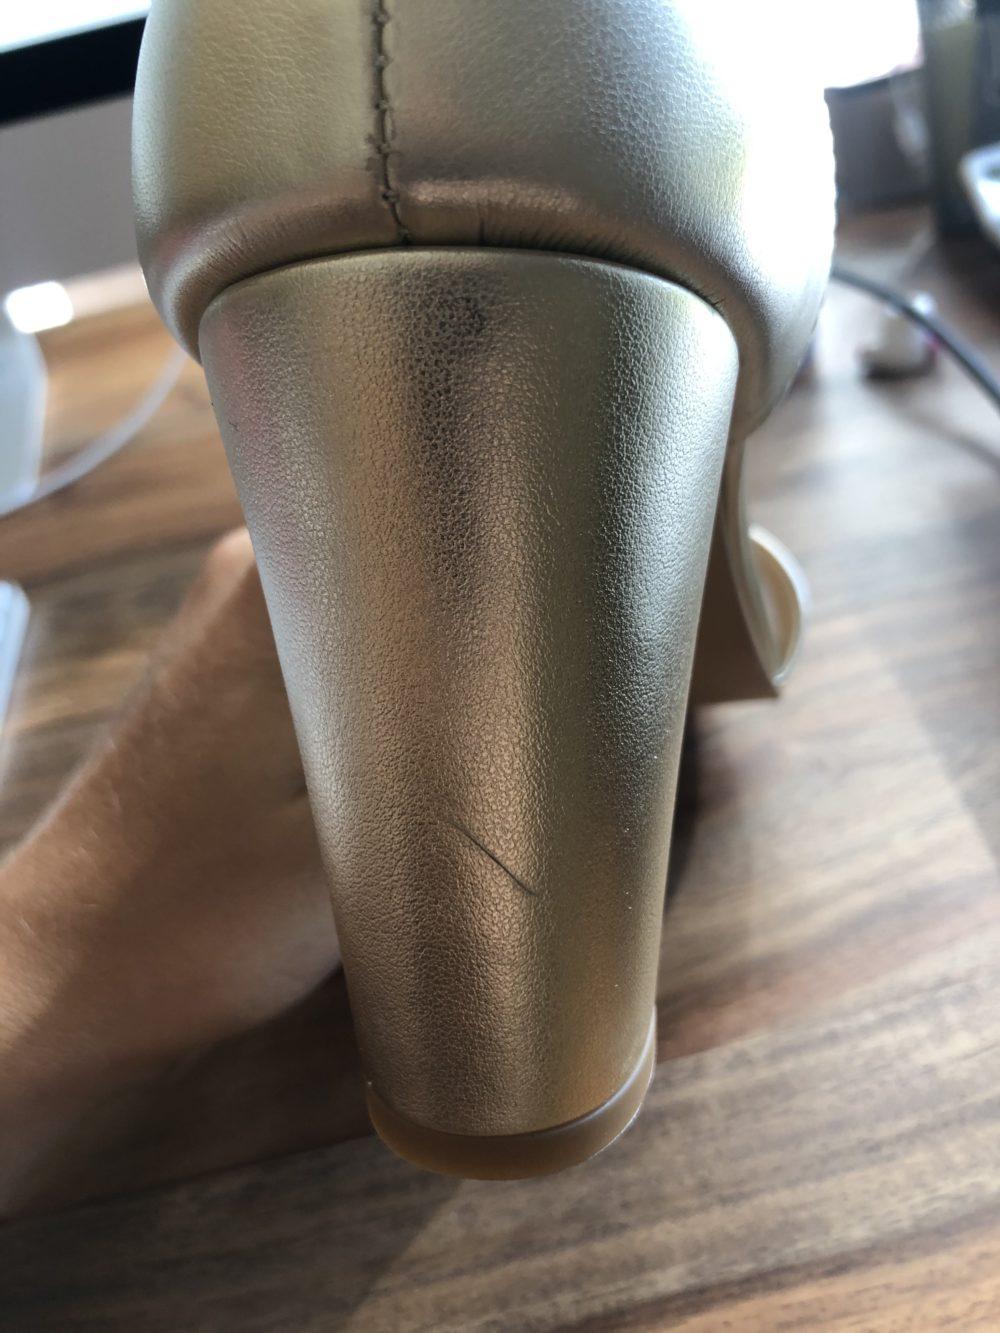 Sandales à talon dorées or vegan écologiques d'occasion Aléria l'Aurore par Minuit sur Terre